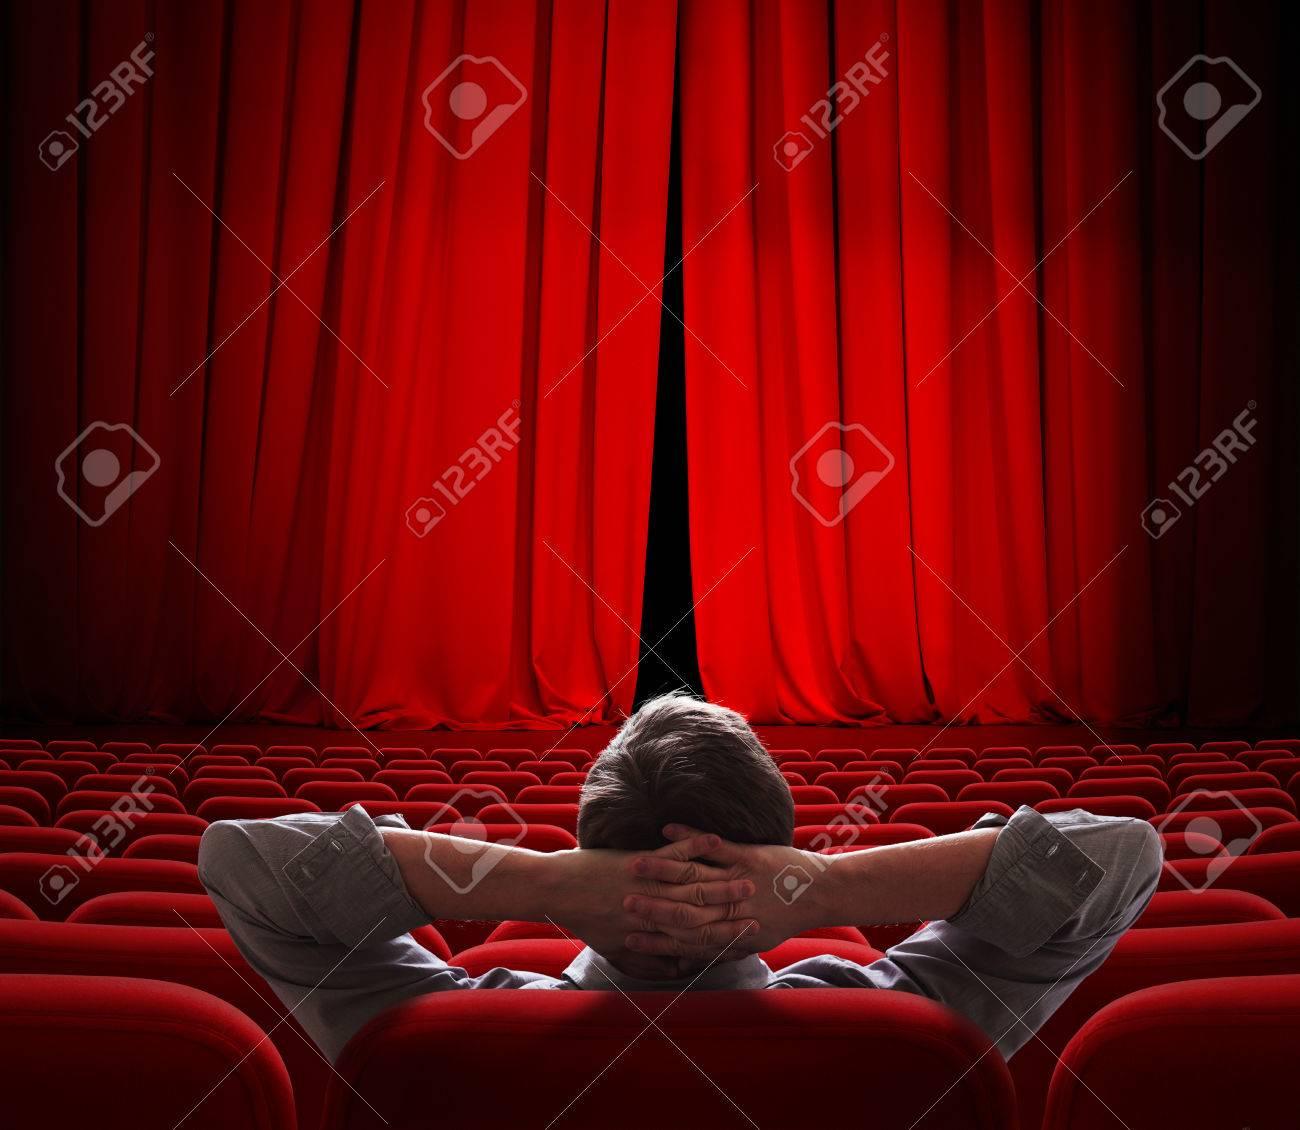 pantalla de cine cortinas rojas levemente abiertas por persona vip foto de archivo